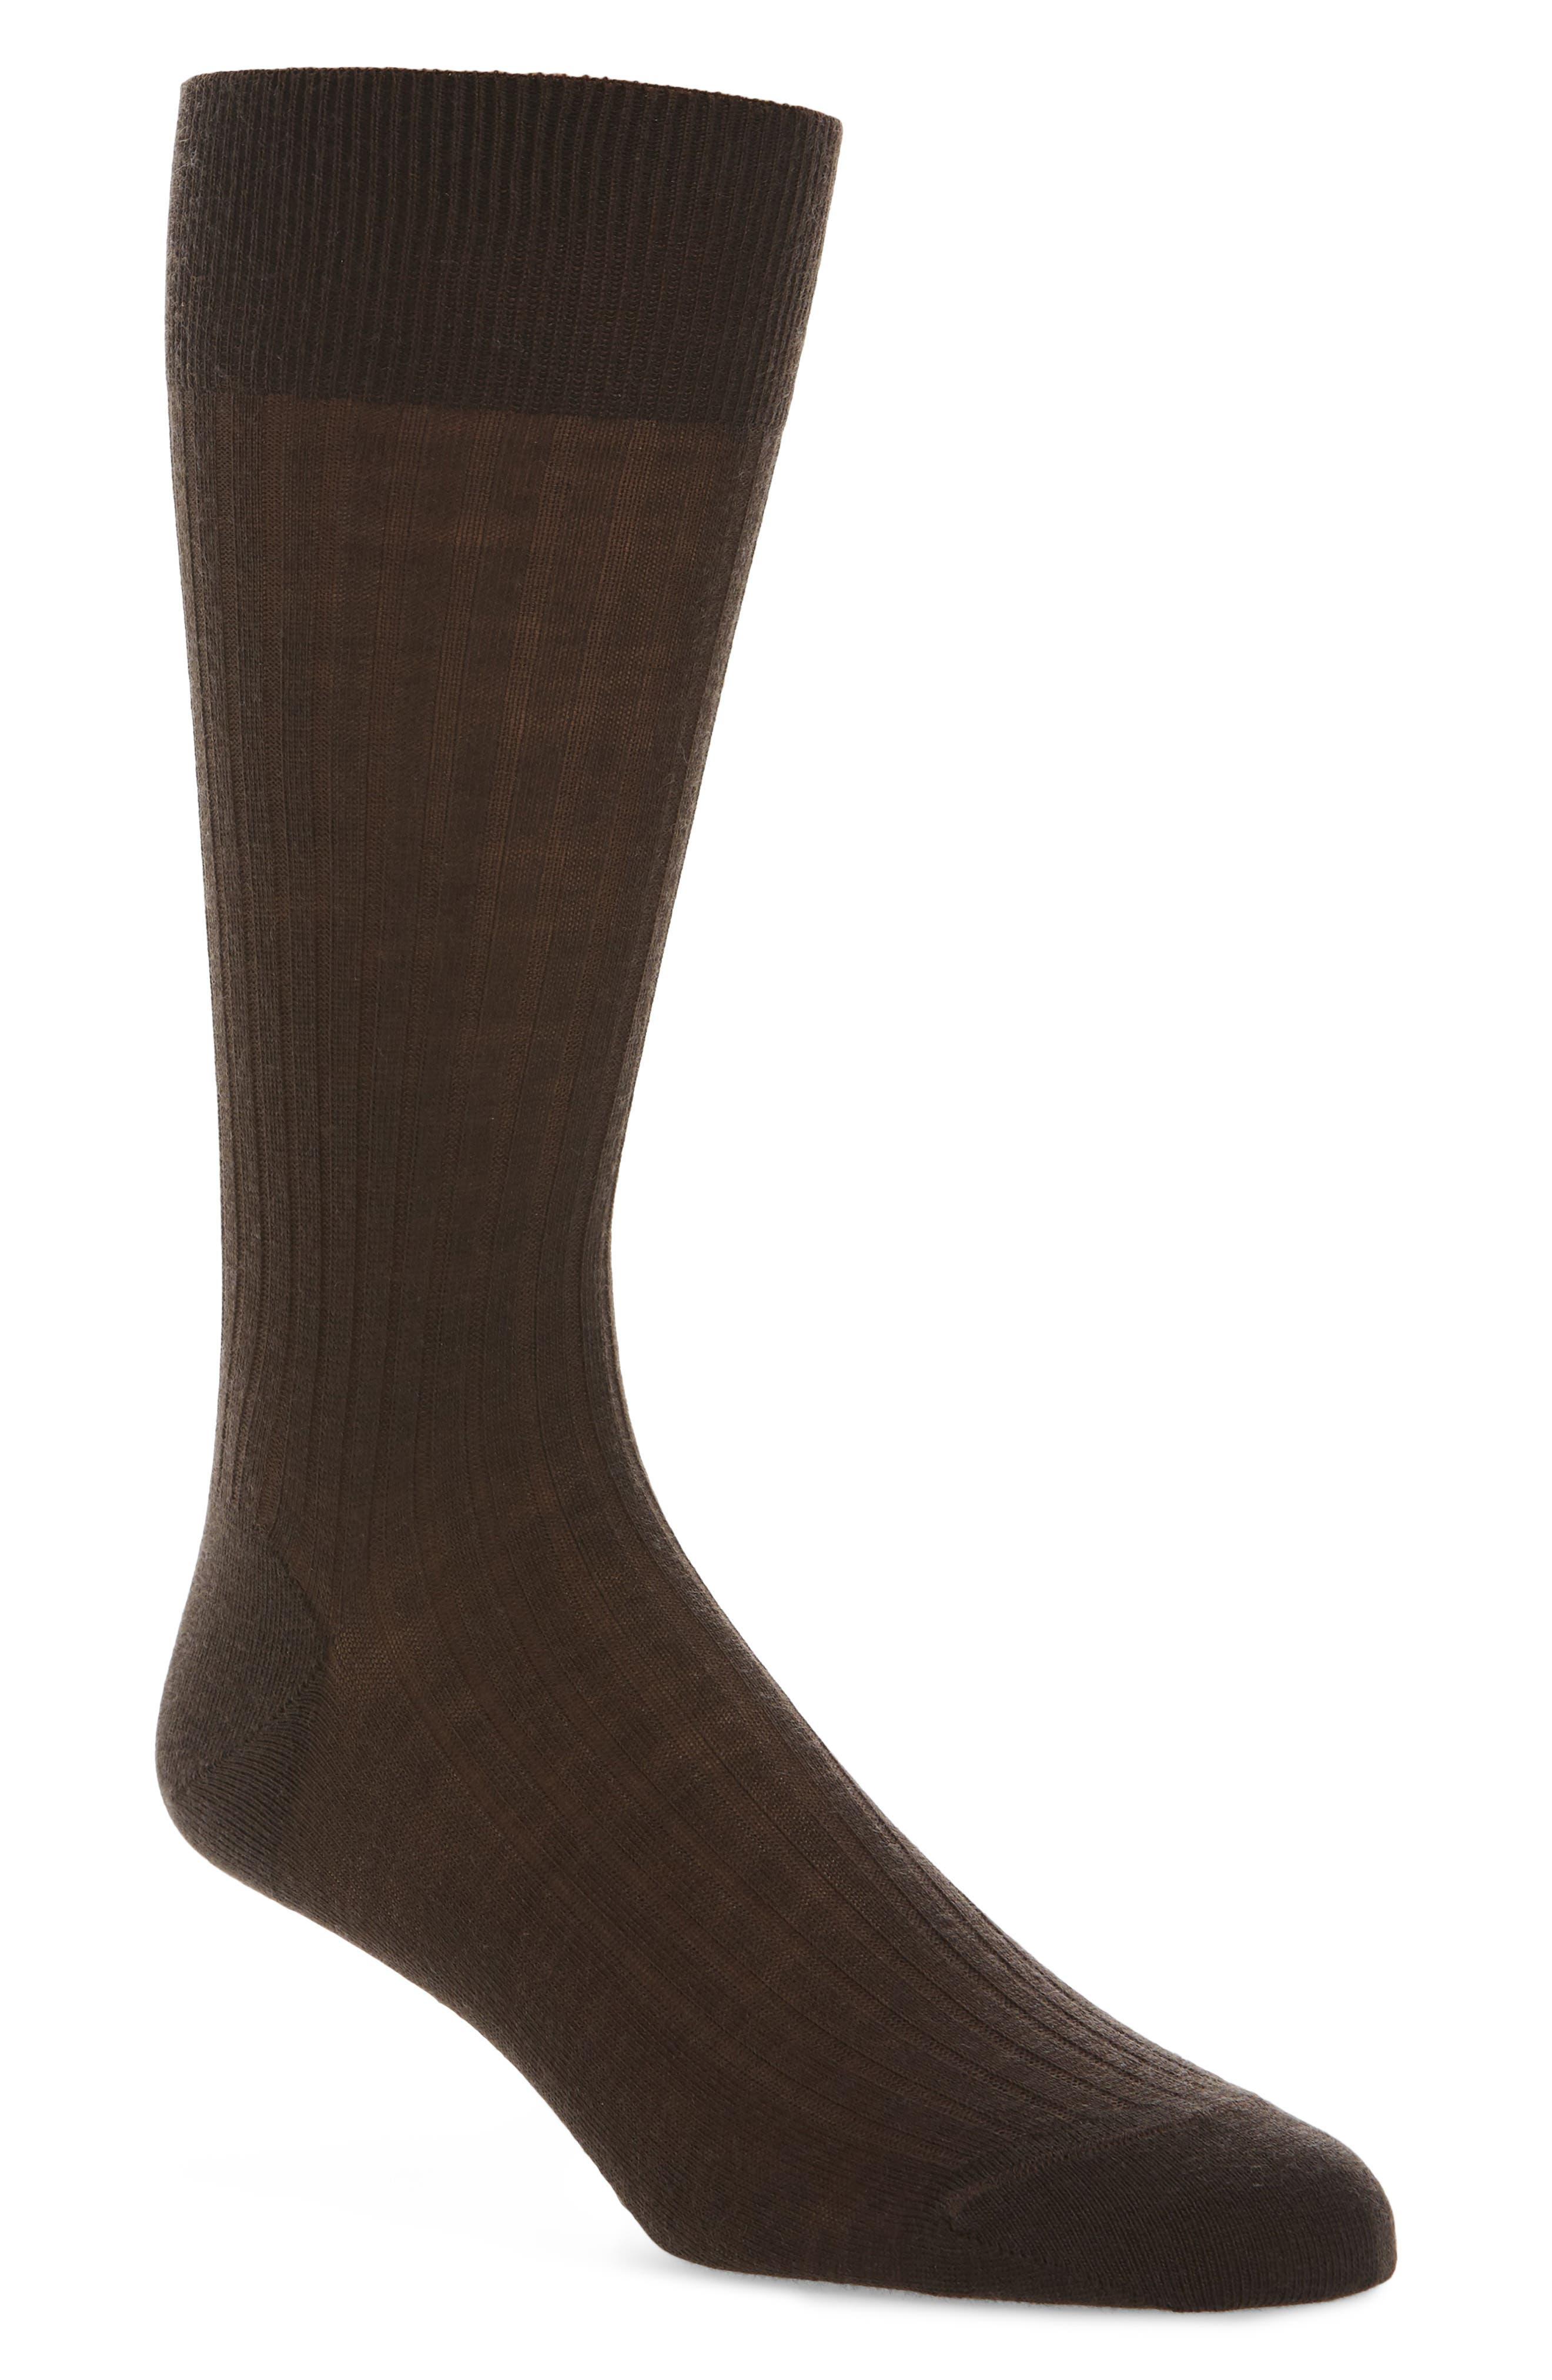 Ribbed Merino Wool Socks,                             Main thumbnail 1, color,                             Brown Demitasse